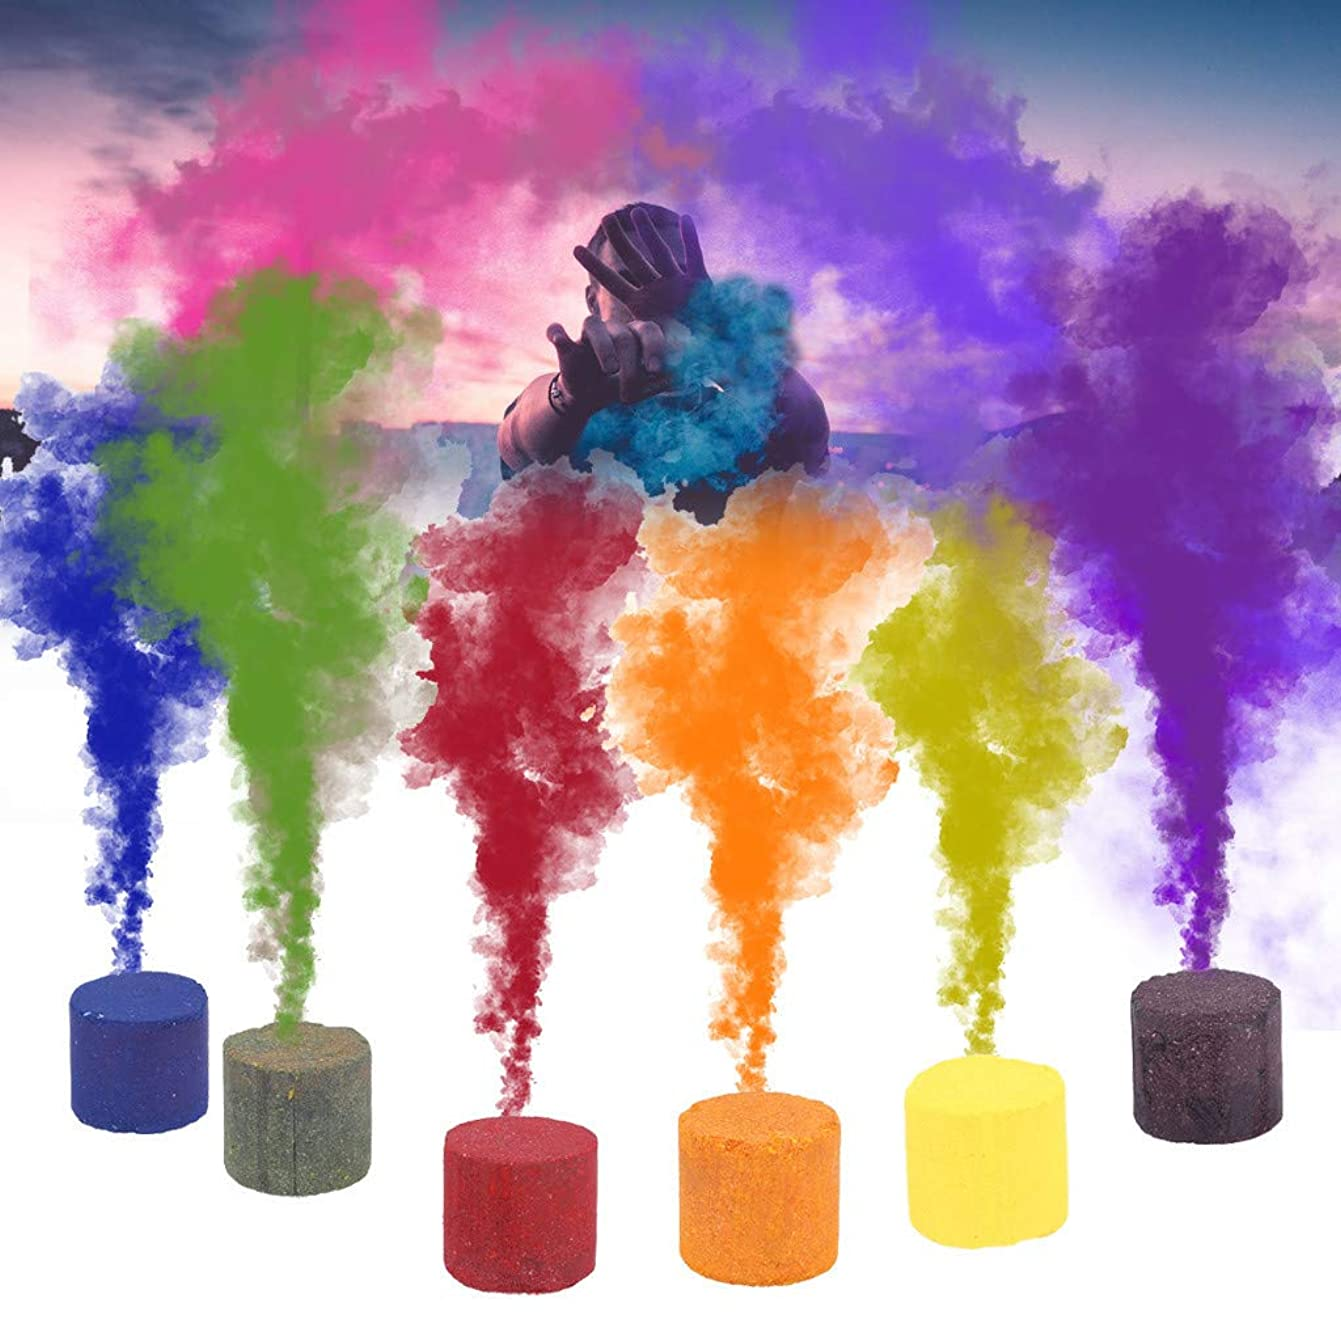 質量証言耐えるスモークケーキ型 - カラースモークケーキラウンド広告映画スタジオ写真の小道具映画ステージパフォーマンスパーティー煙効果 (ブルー、グリーン、オレンジ色、紫色、赤、イエロー, 6PCS)